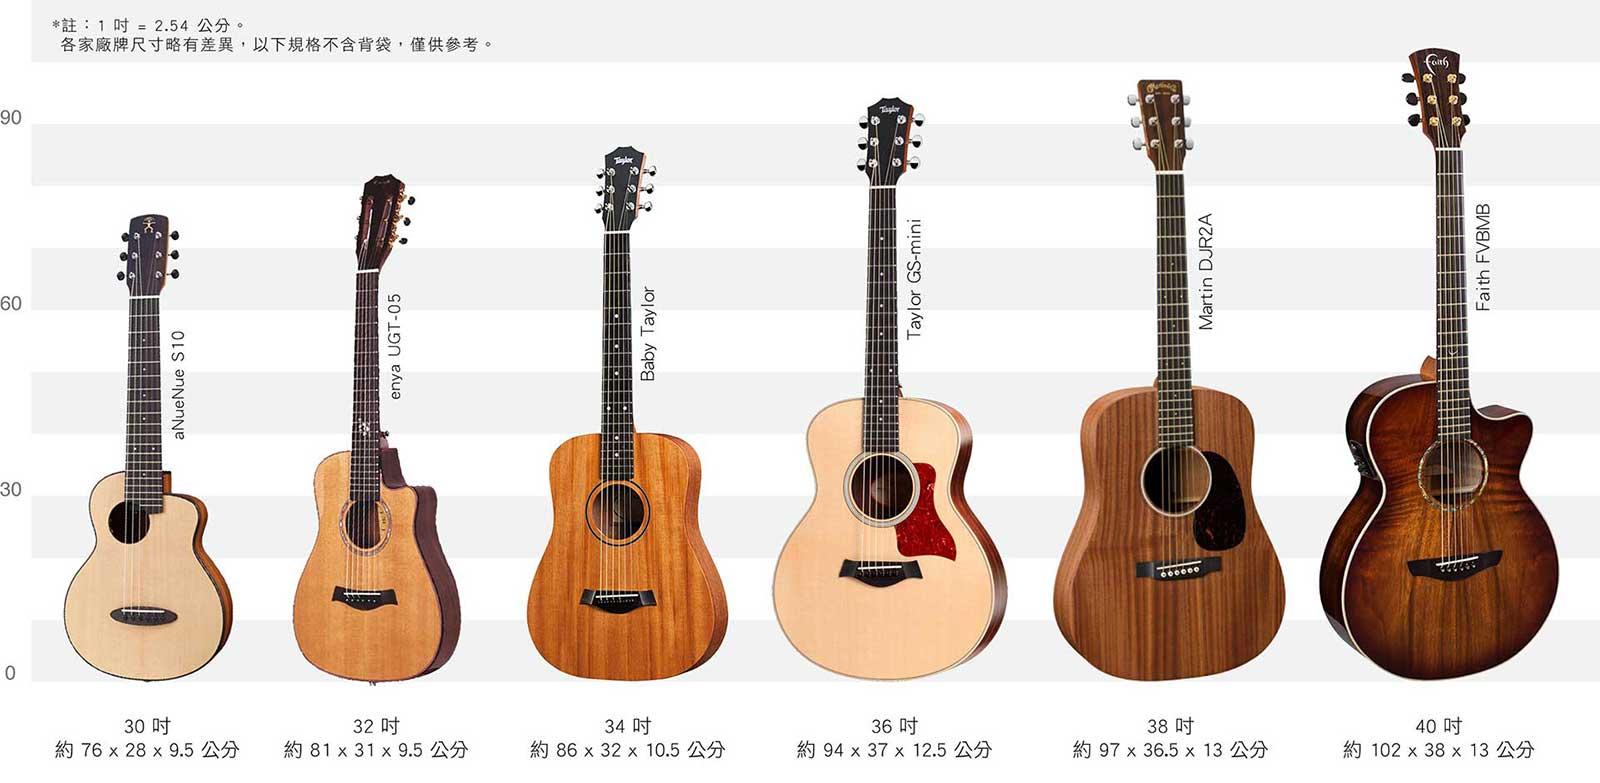 吉他尺寸 從最小到最大依序為34.36.38.39.40.41.42